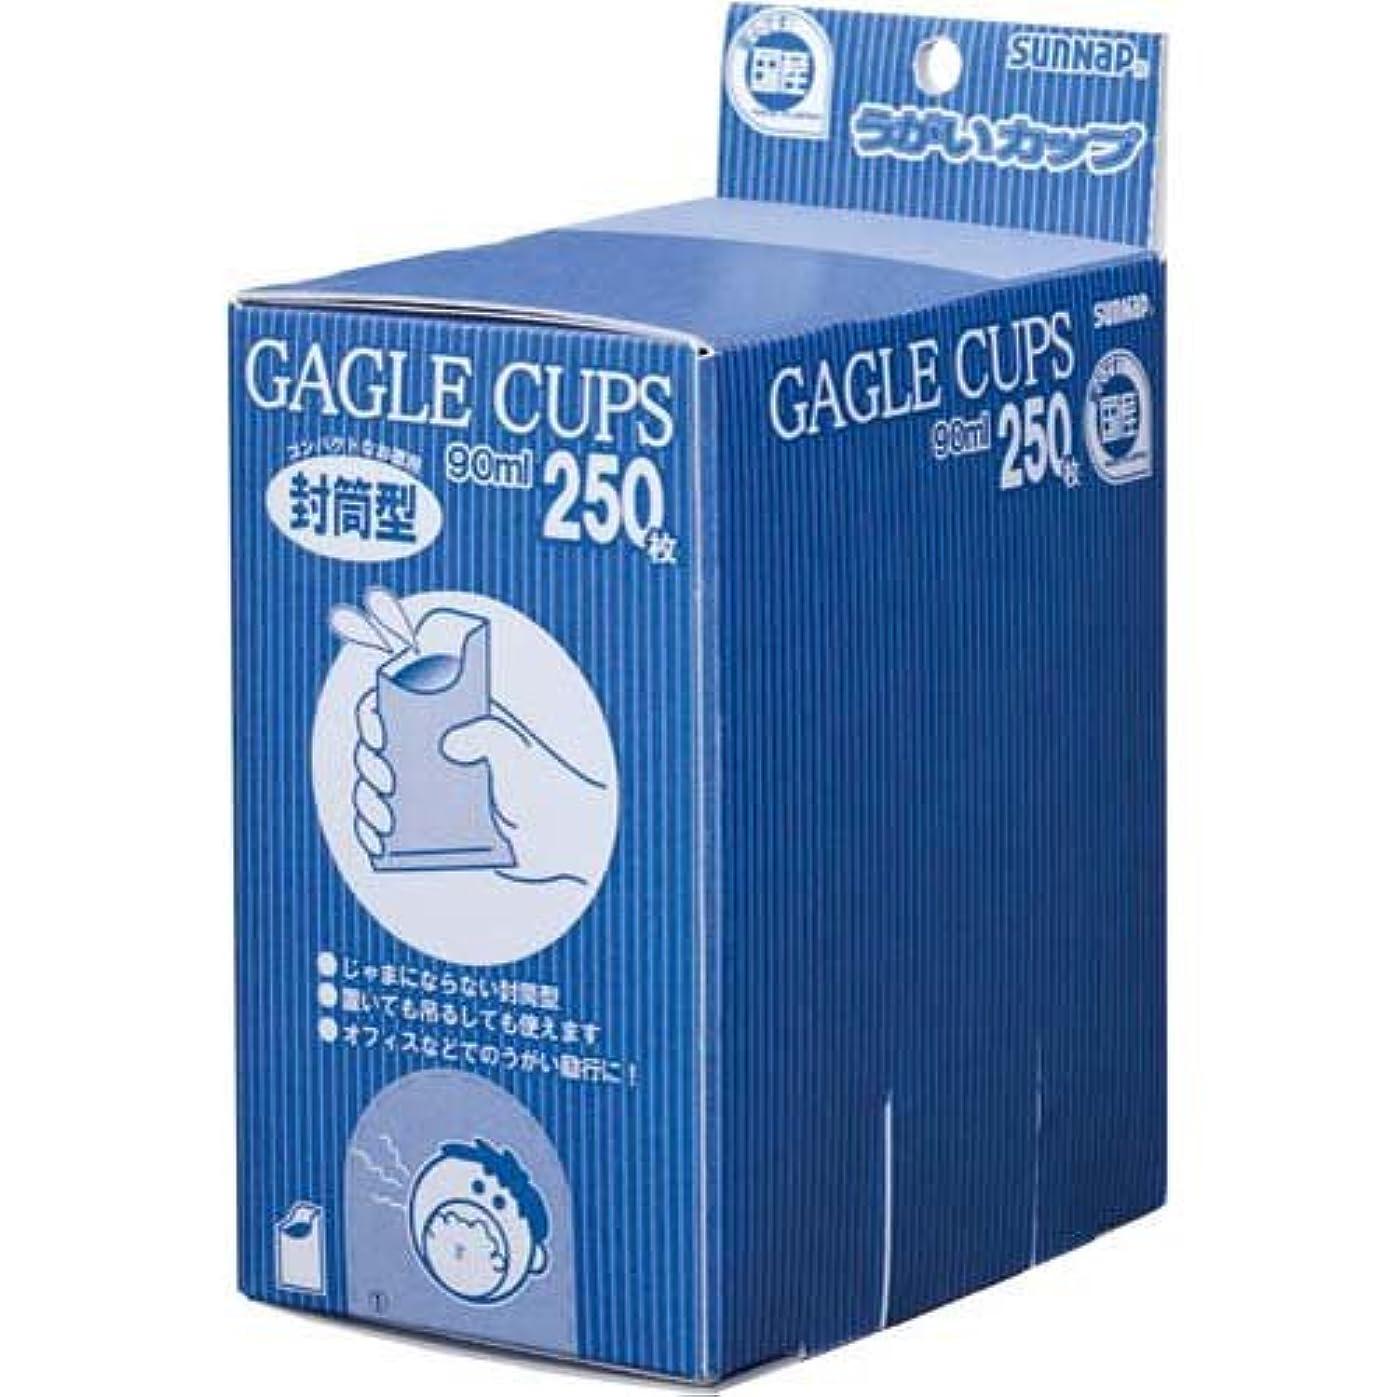 累積あいまい式サンナップ 封筒型うがいカップ250枚×5箱